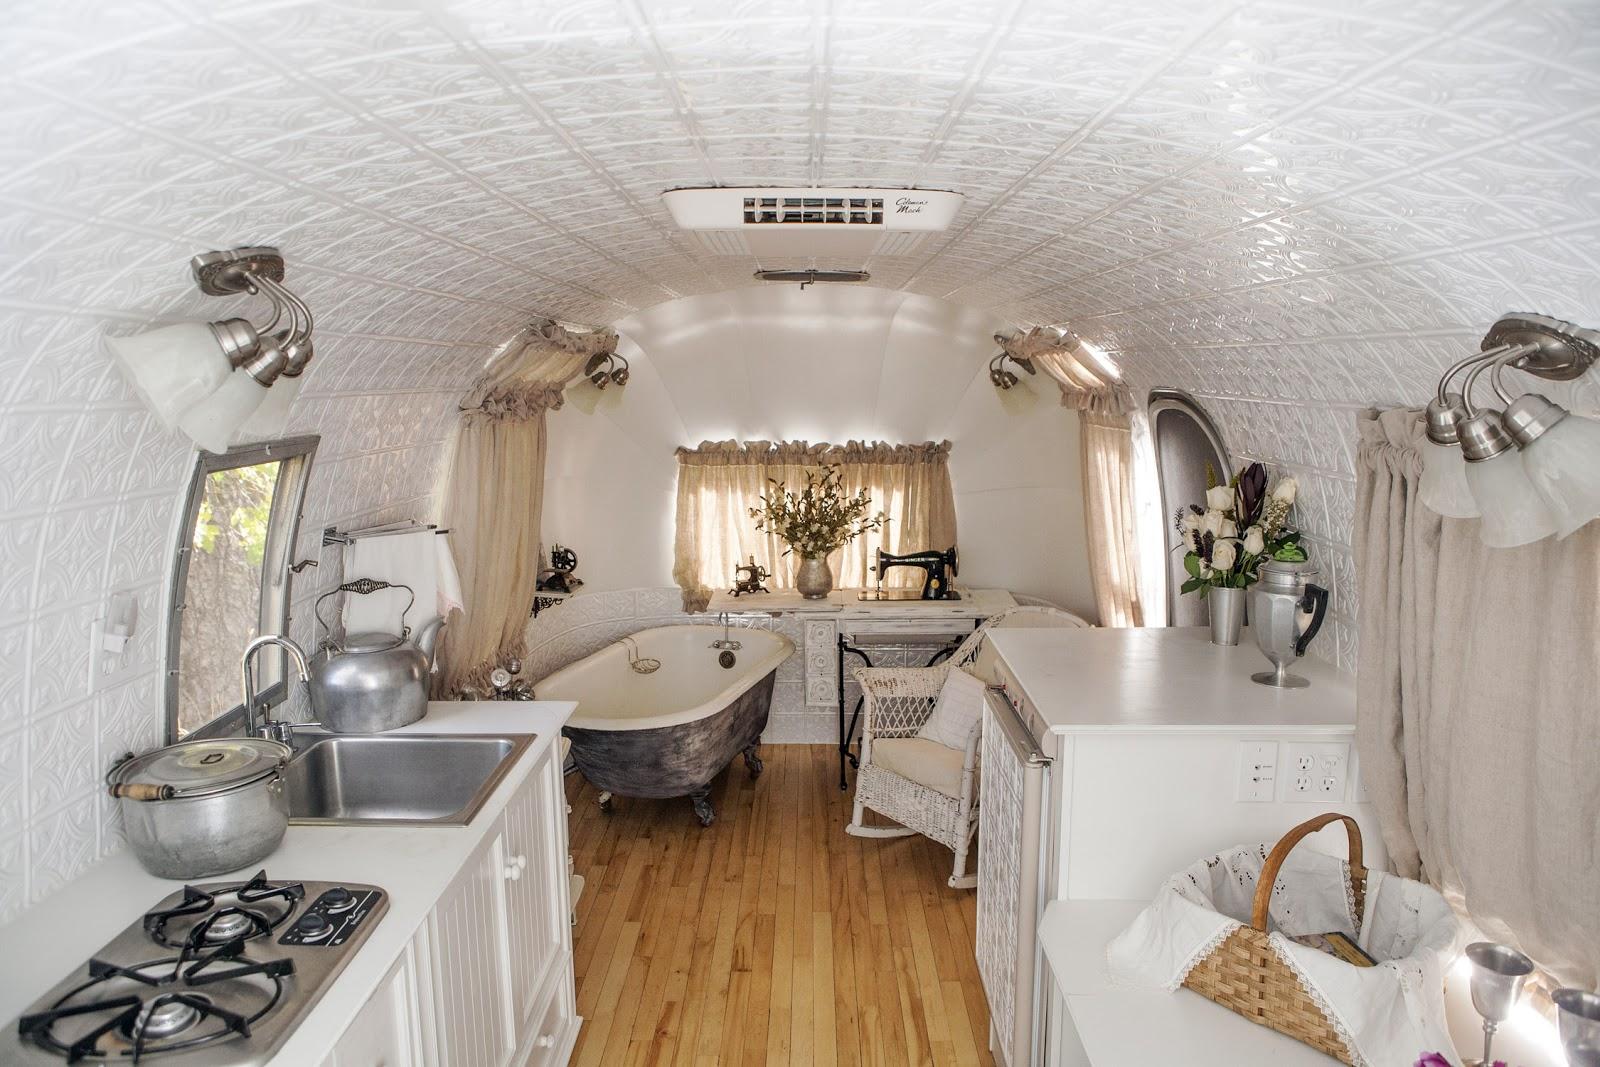 MaryJanesFarm-airstream_sink-tub-frig